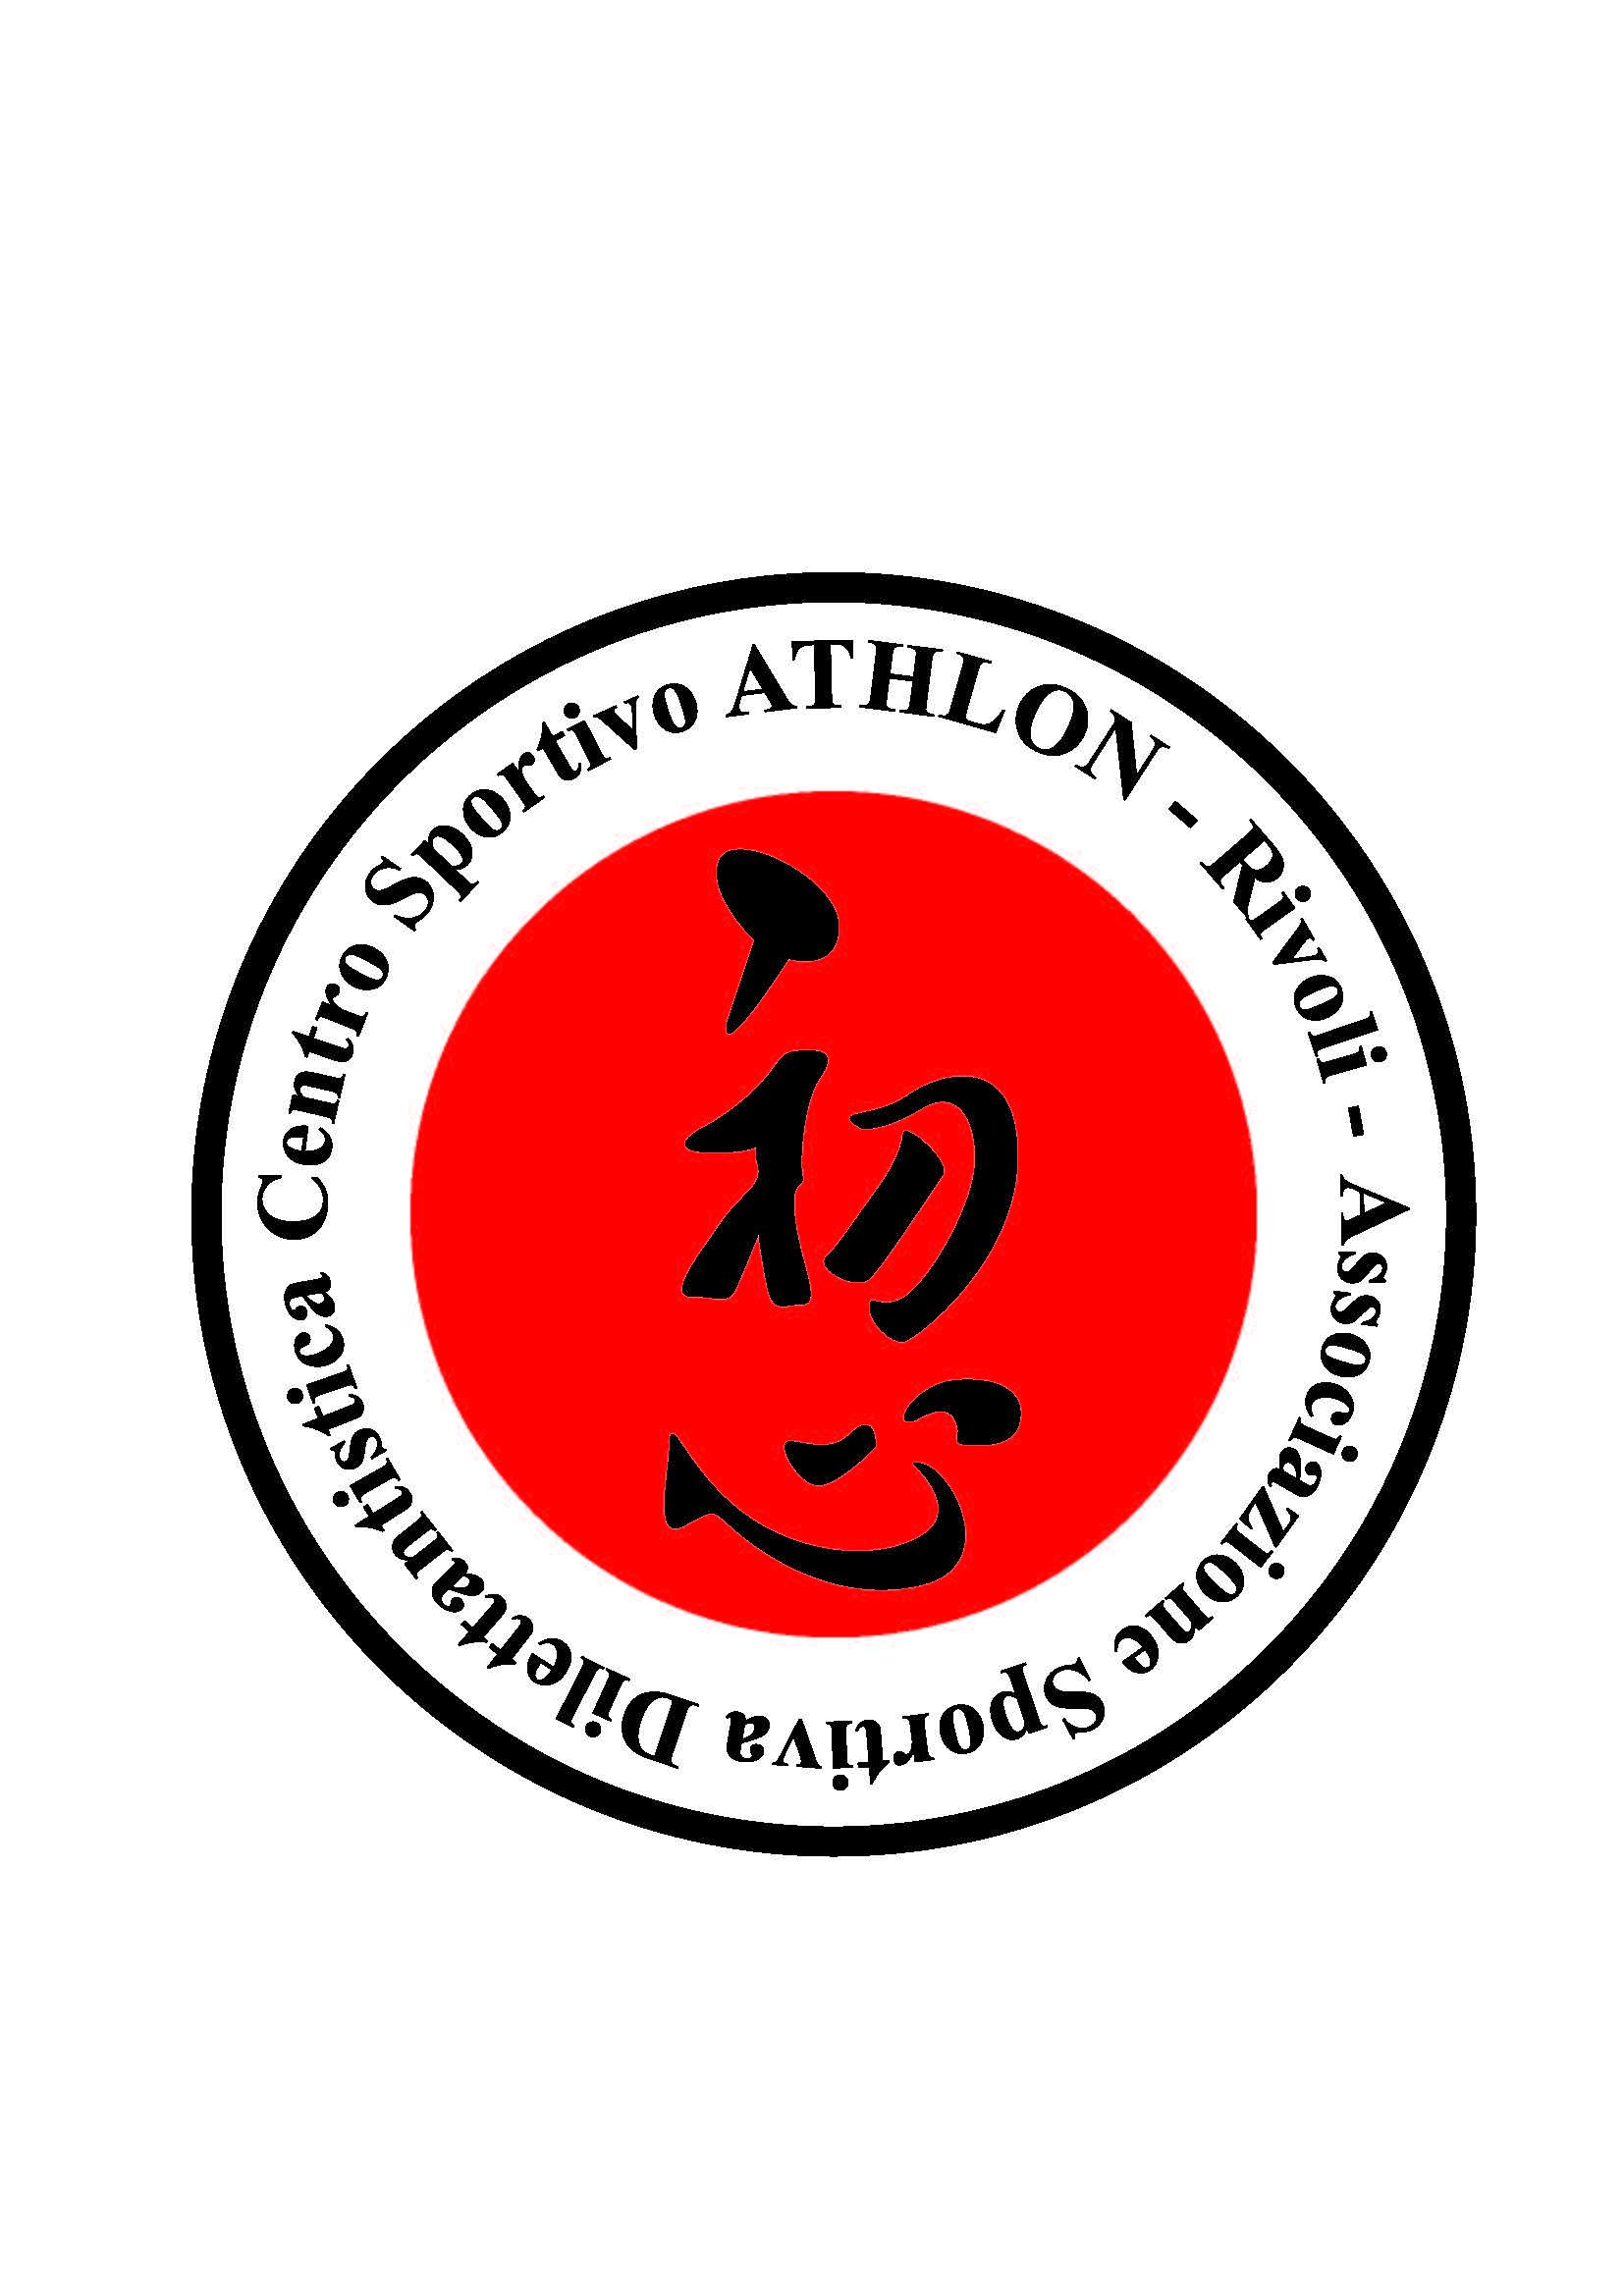 A.S.Dil. Centro Sportivo Athlon-Rivoli